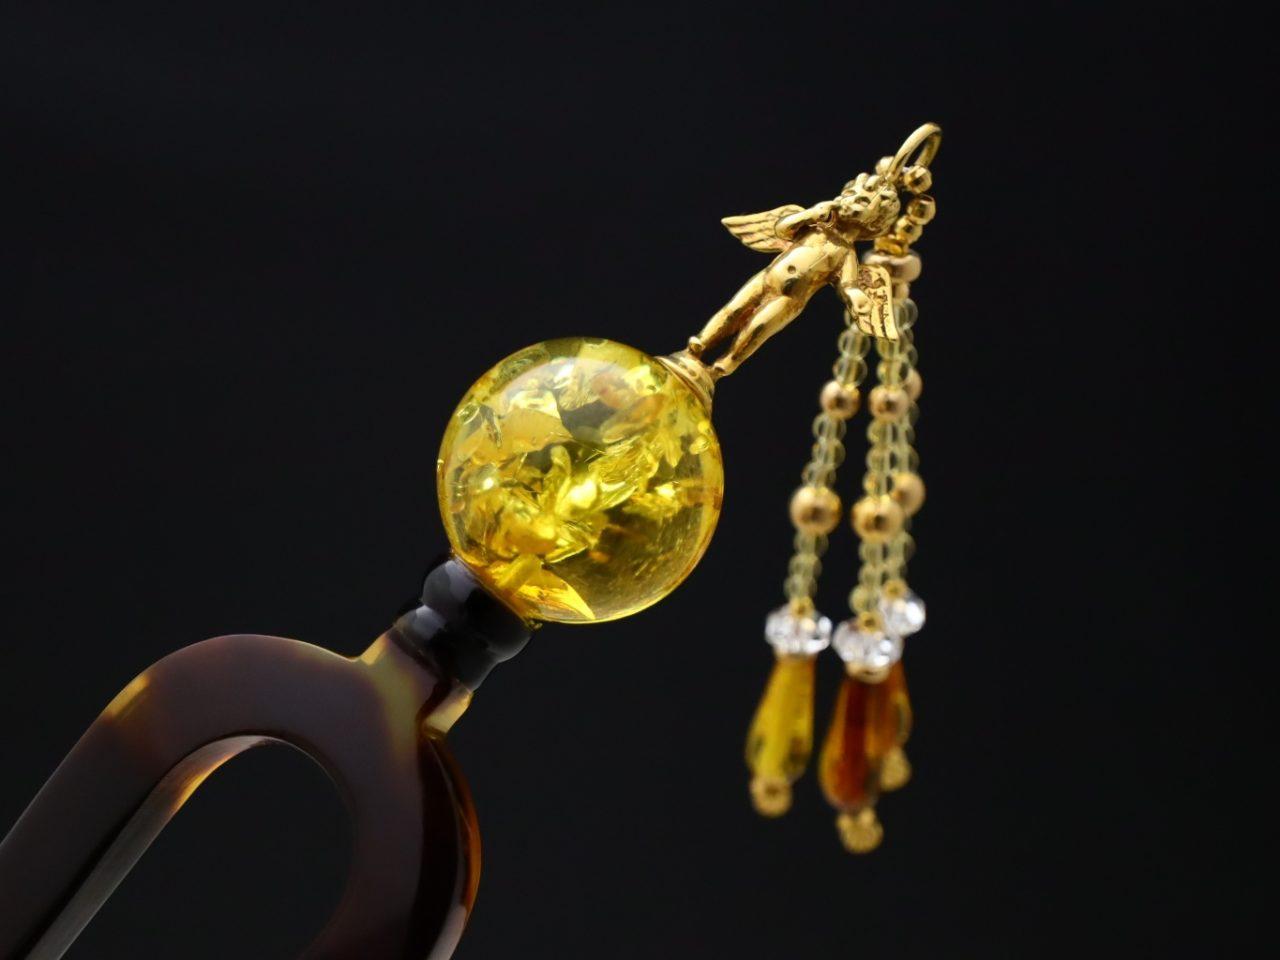 べっ甲18K天使の彫刻付琥珀玉かんざし《再》|邪気を祓い、人々の幸せ、世界平和への切なる願いを込めて。